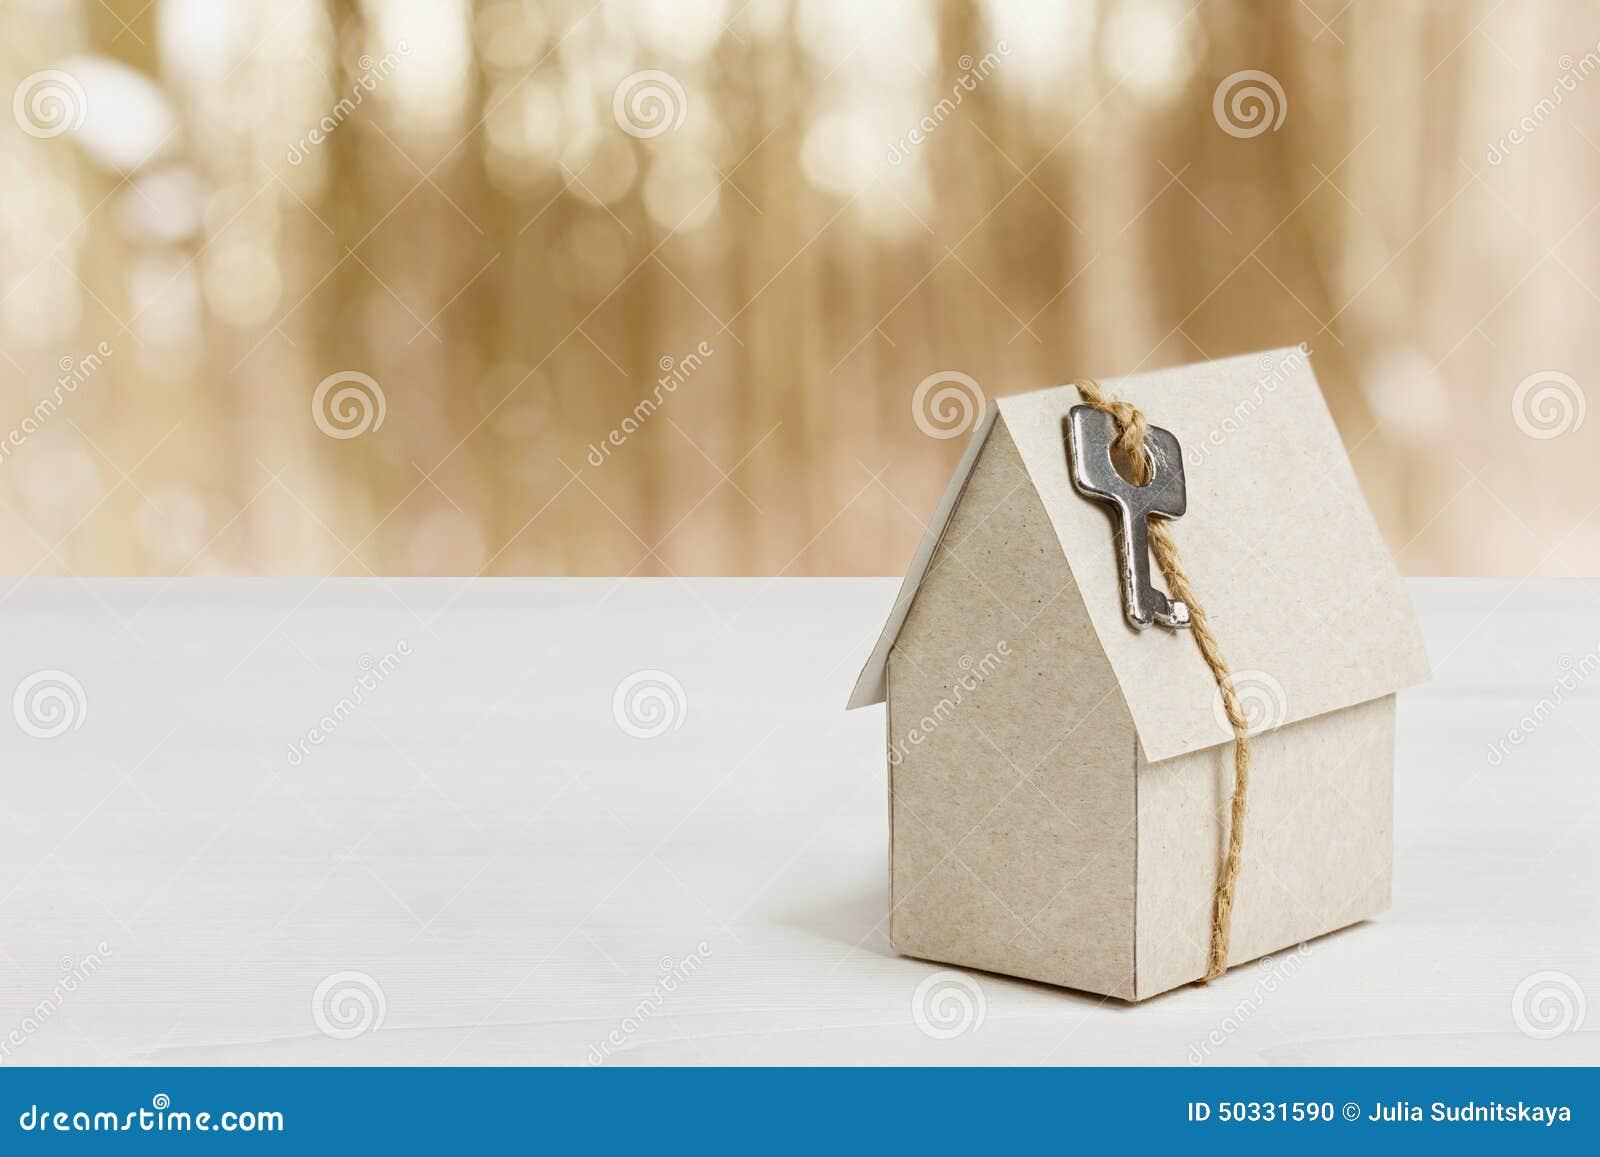 Modell av papphuset med tangent mot bokehbakgrund husbyggnad, lån, fastighet eller köpande ett nytt hem